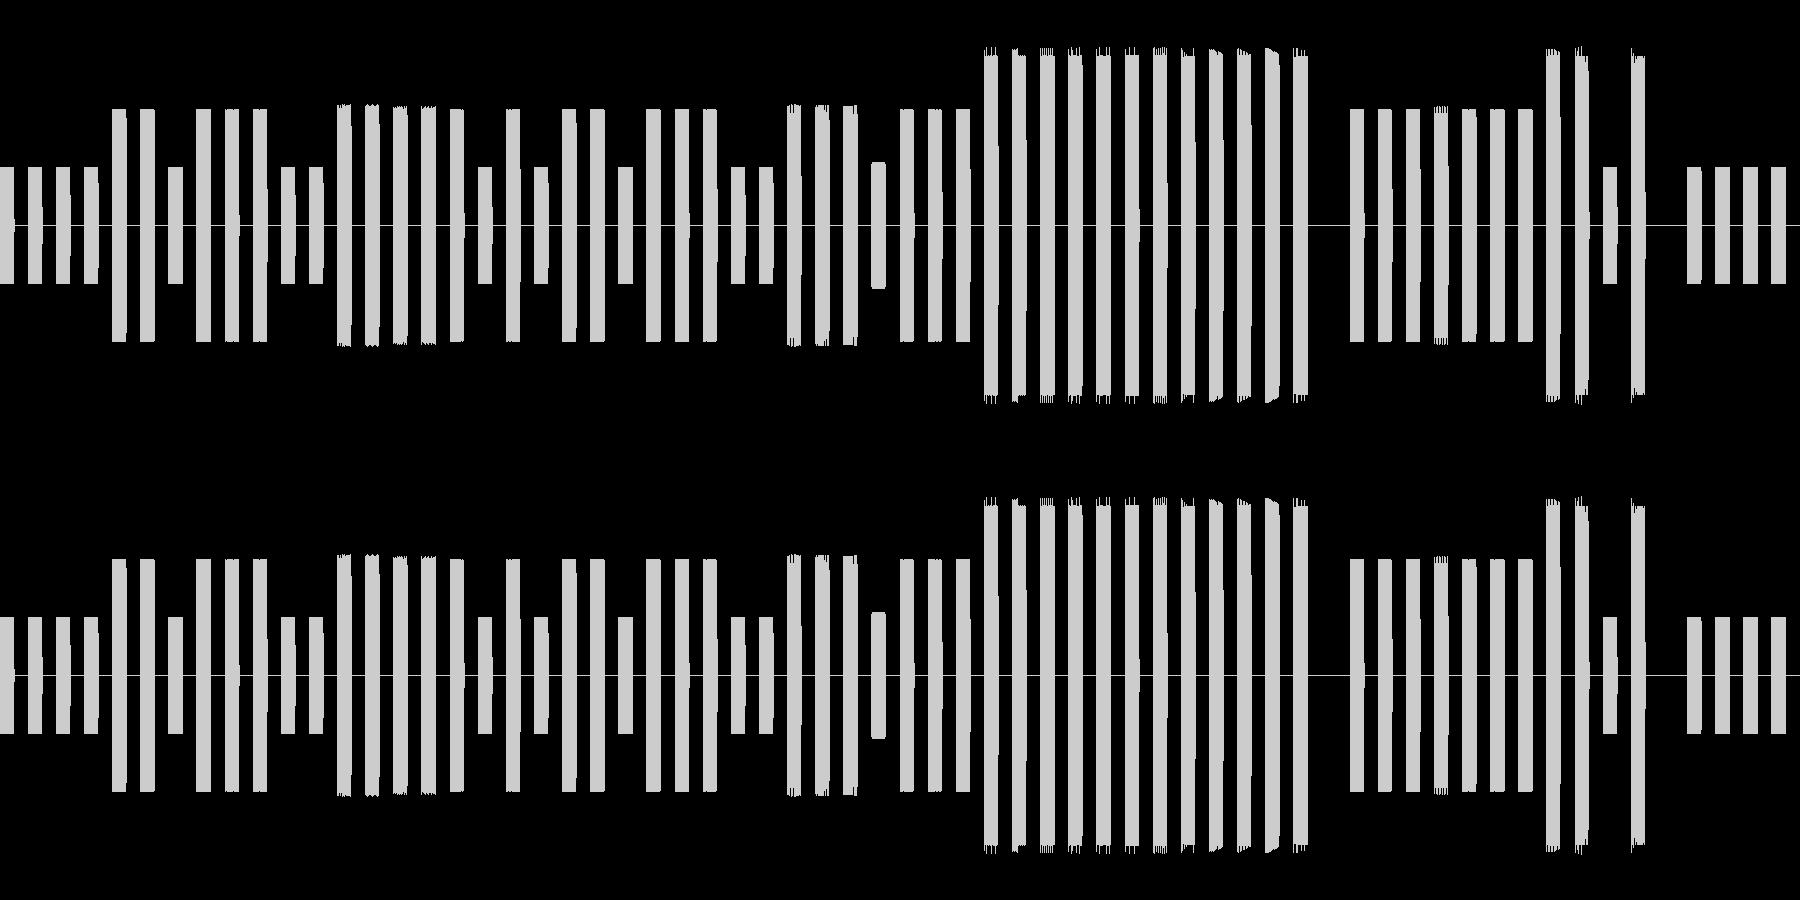 セーブデータ選択画面風チップチューンの未再生の波形